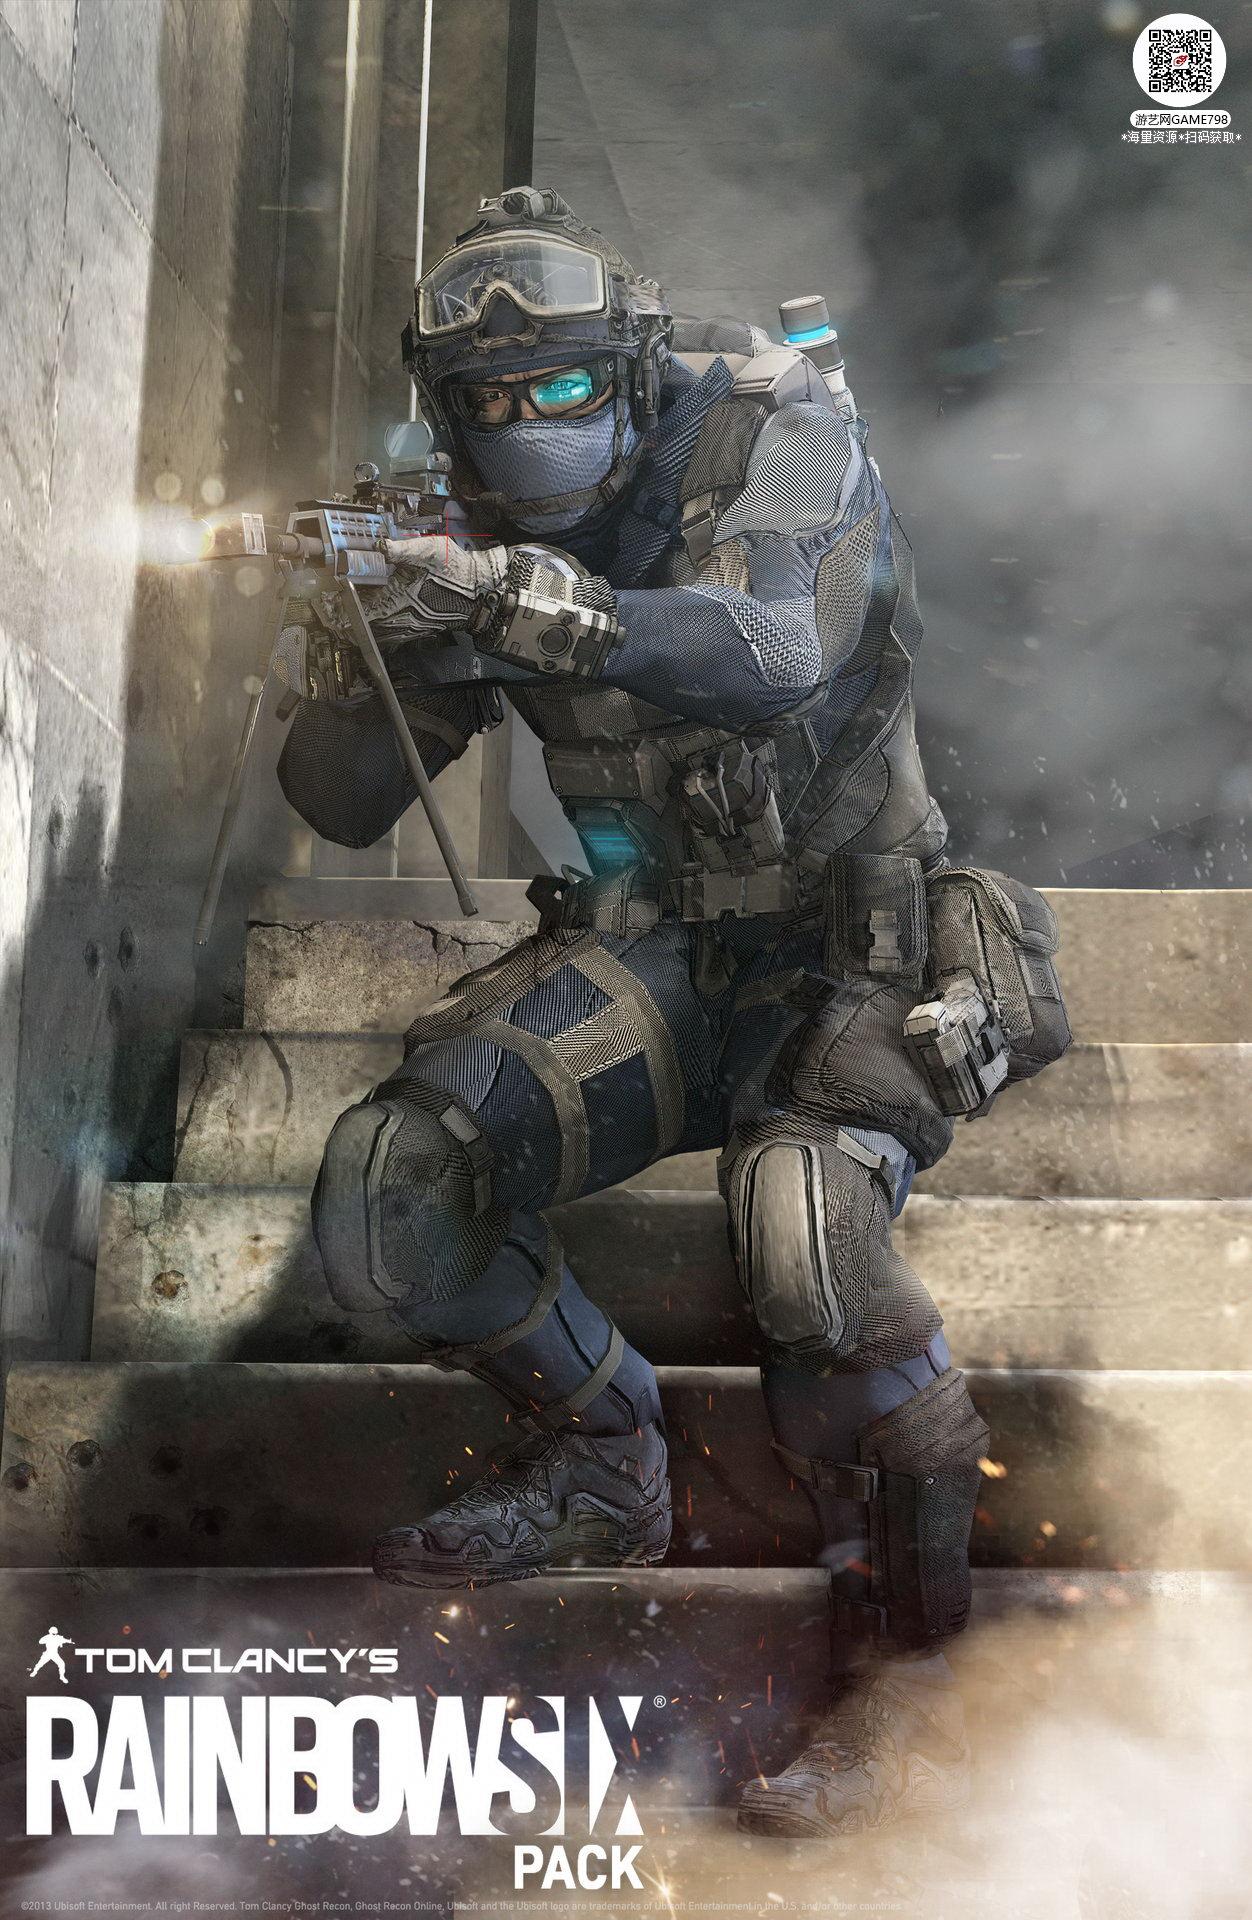 048_关注游艺网公众号获海量资源_幽灵行动未来战士次世代游戏3D模型参考原画概念设定.jpg